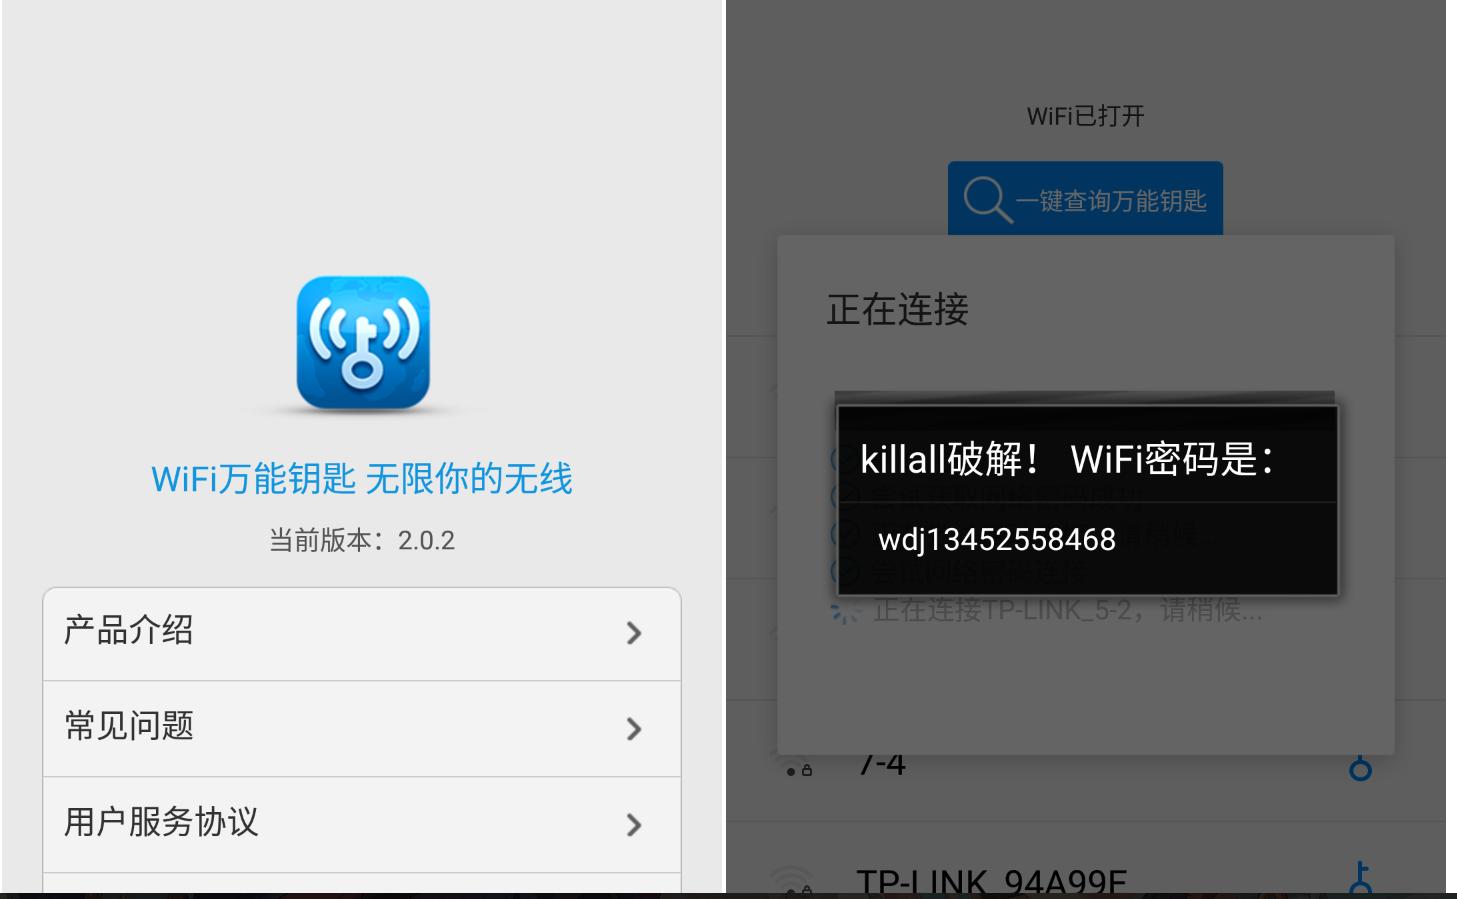 安卓 WiFi万能钥匙 无root显示密码 无广告 超级纯净版